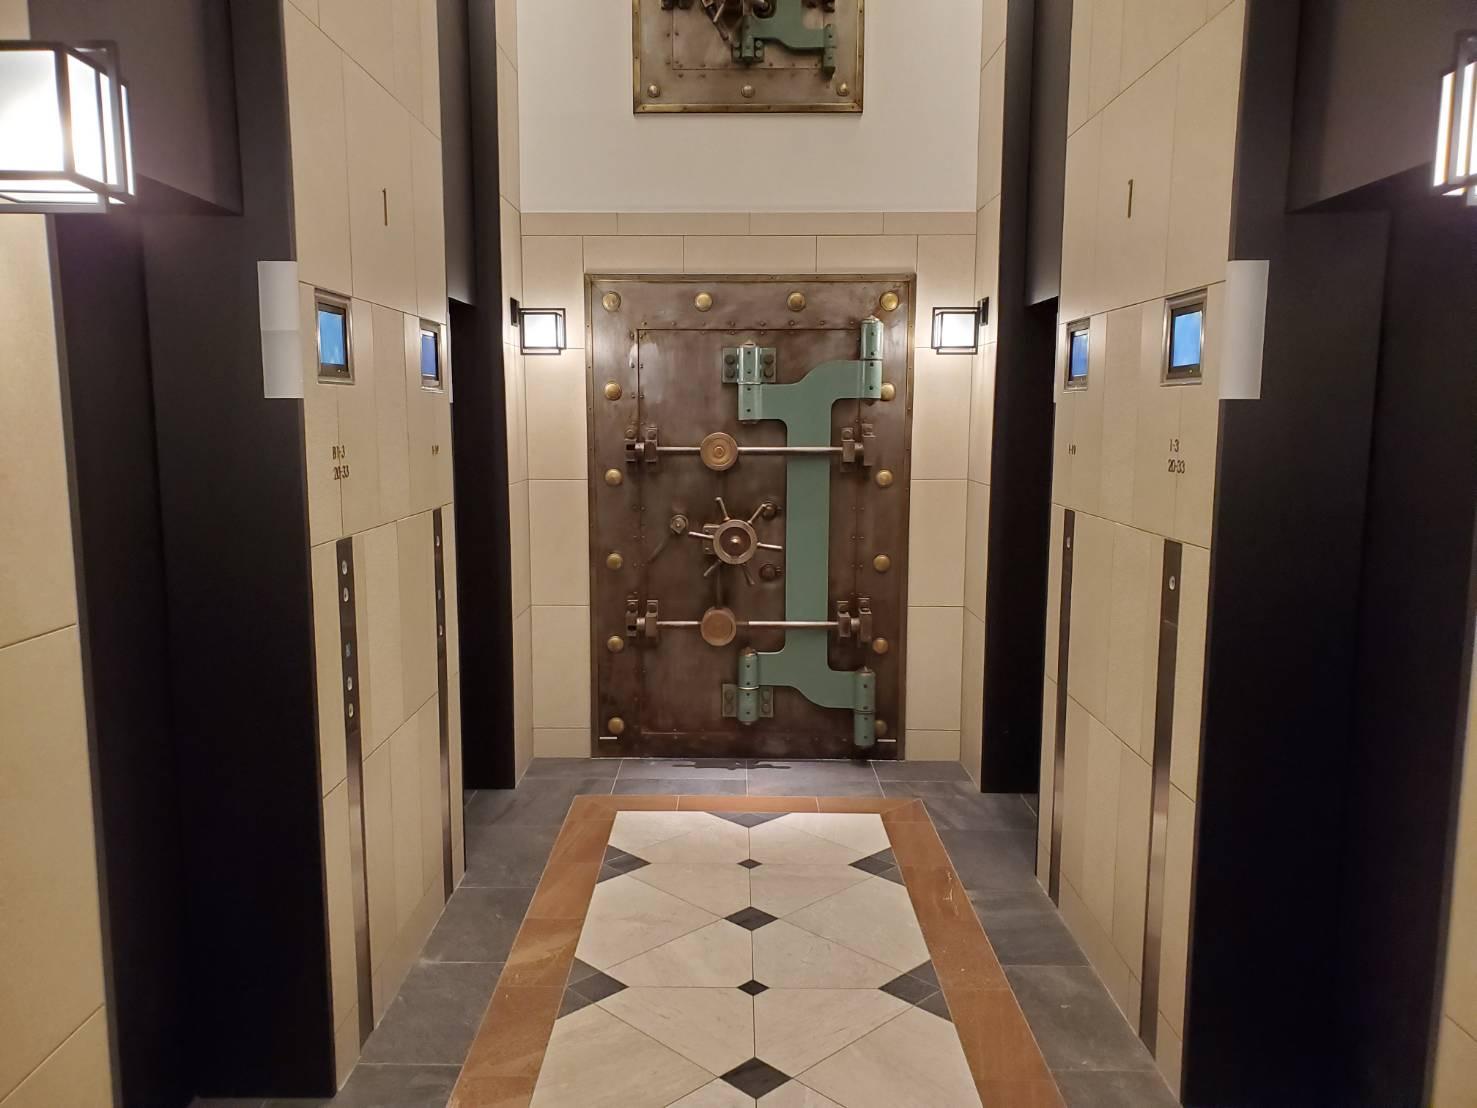 ザ・パークハウス神戸タワーの1階エレベーターホール